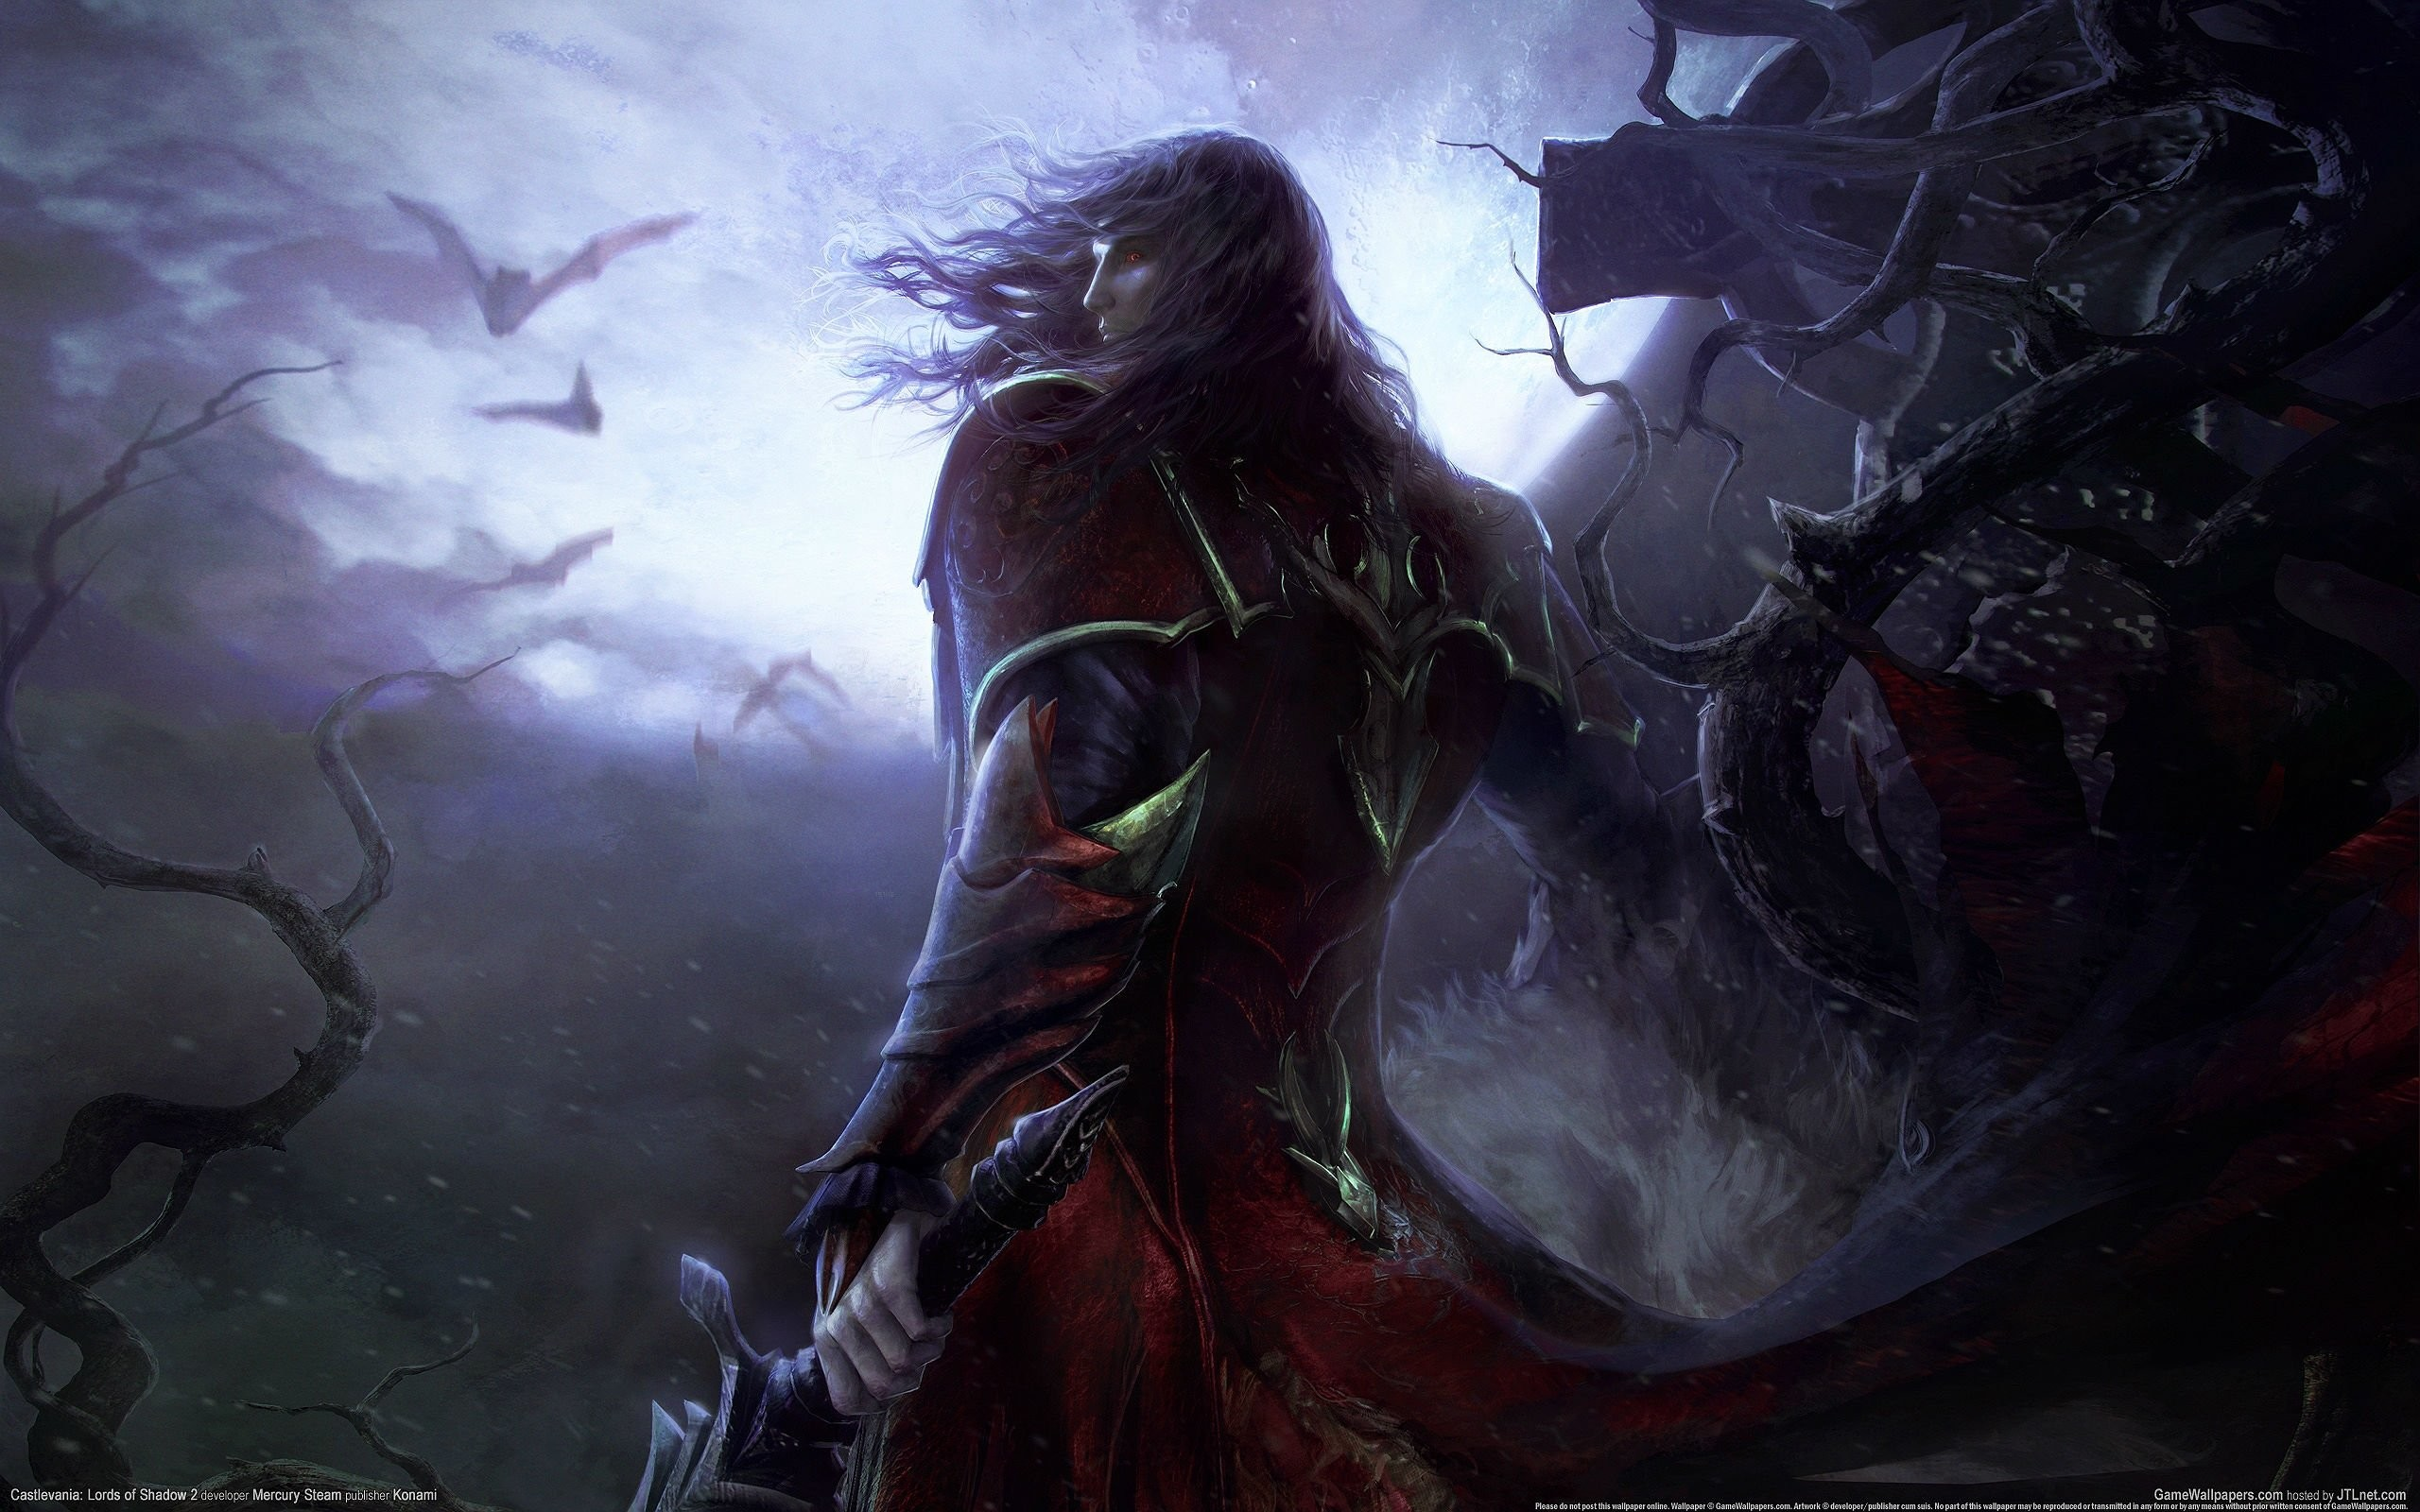 Castlevania Fantasy Dark Vampire Dracula Adventure Action Platform Warrior  Wallpaper At Dark Wallpapers